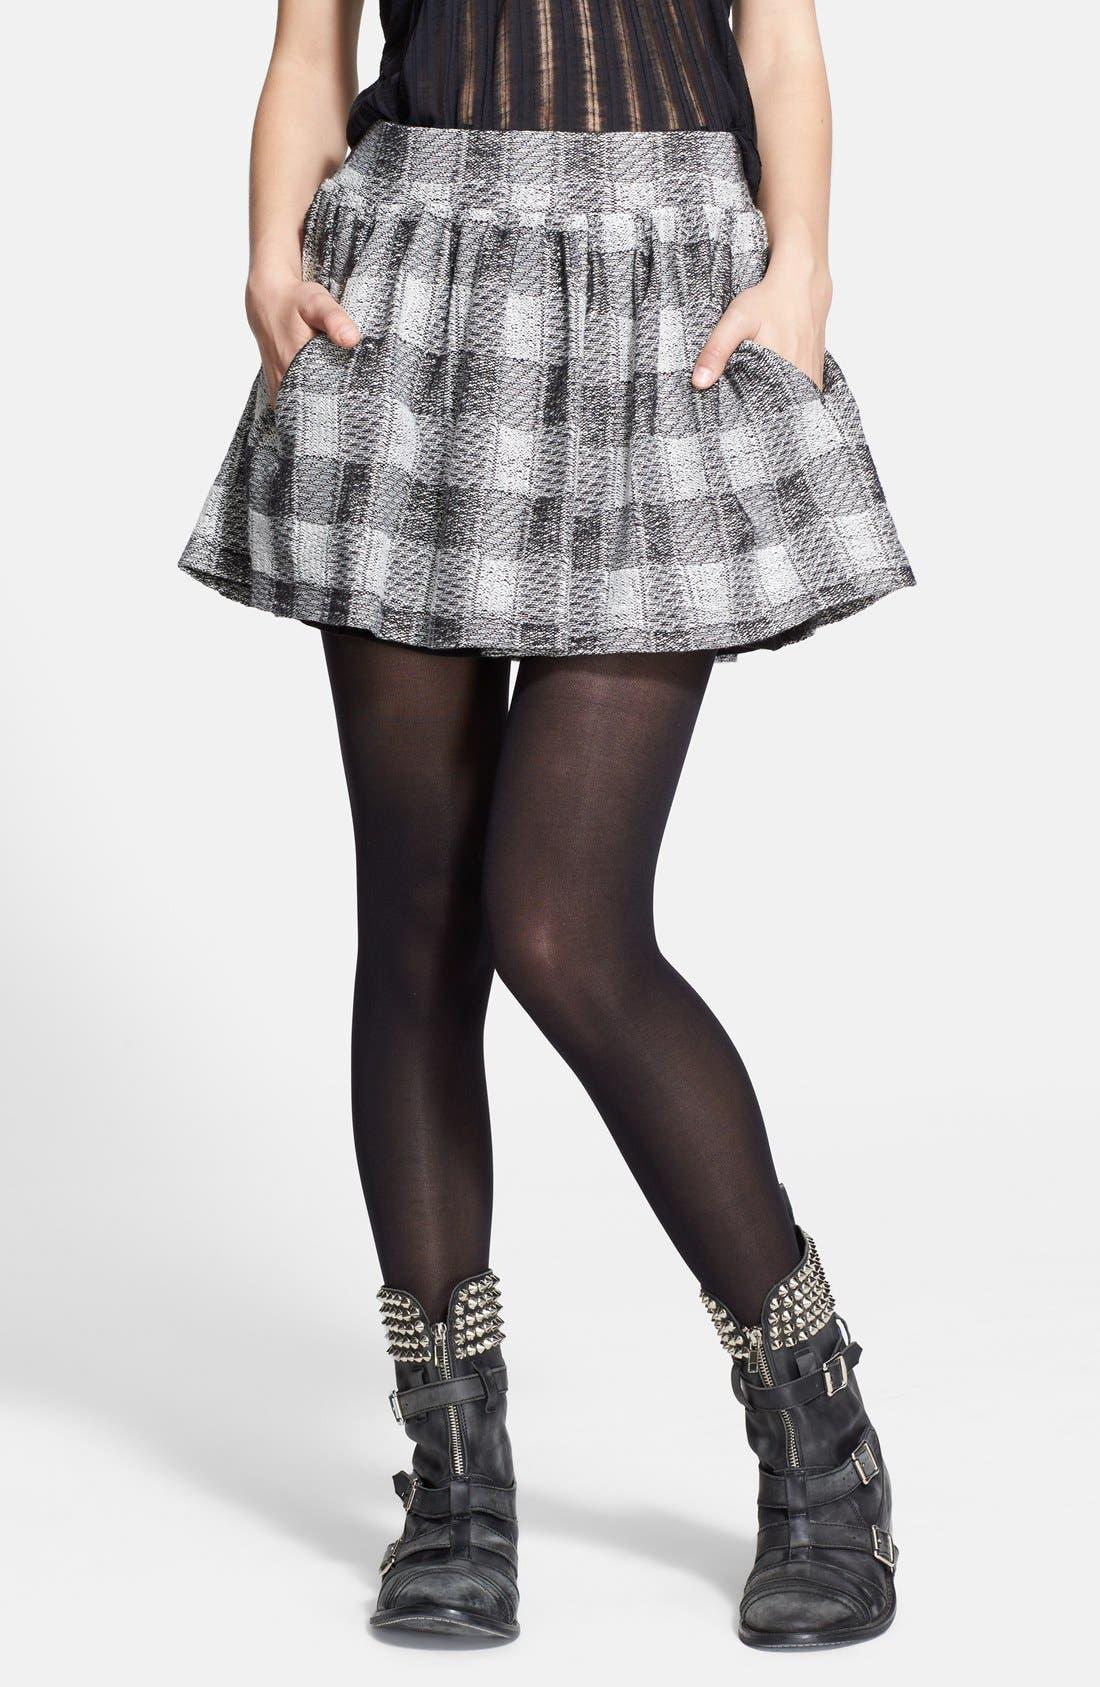 FREE PEOPLE Plaid Flared Miniskirt, Main, color, 001